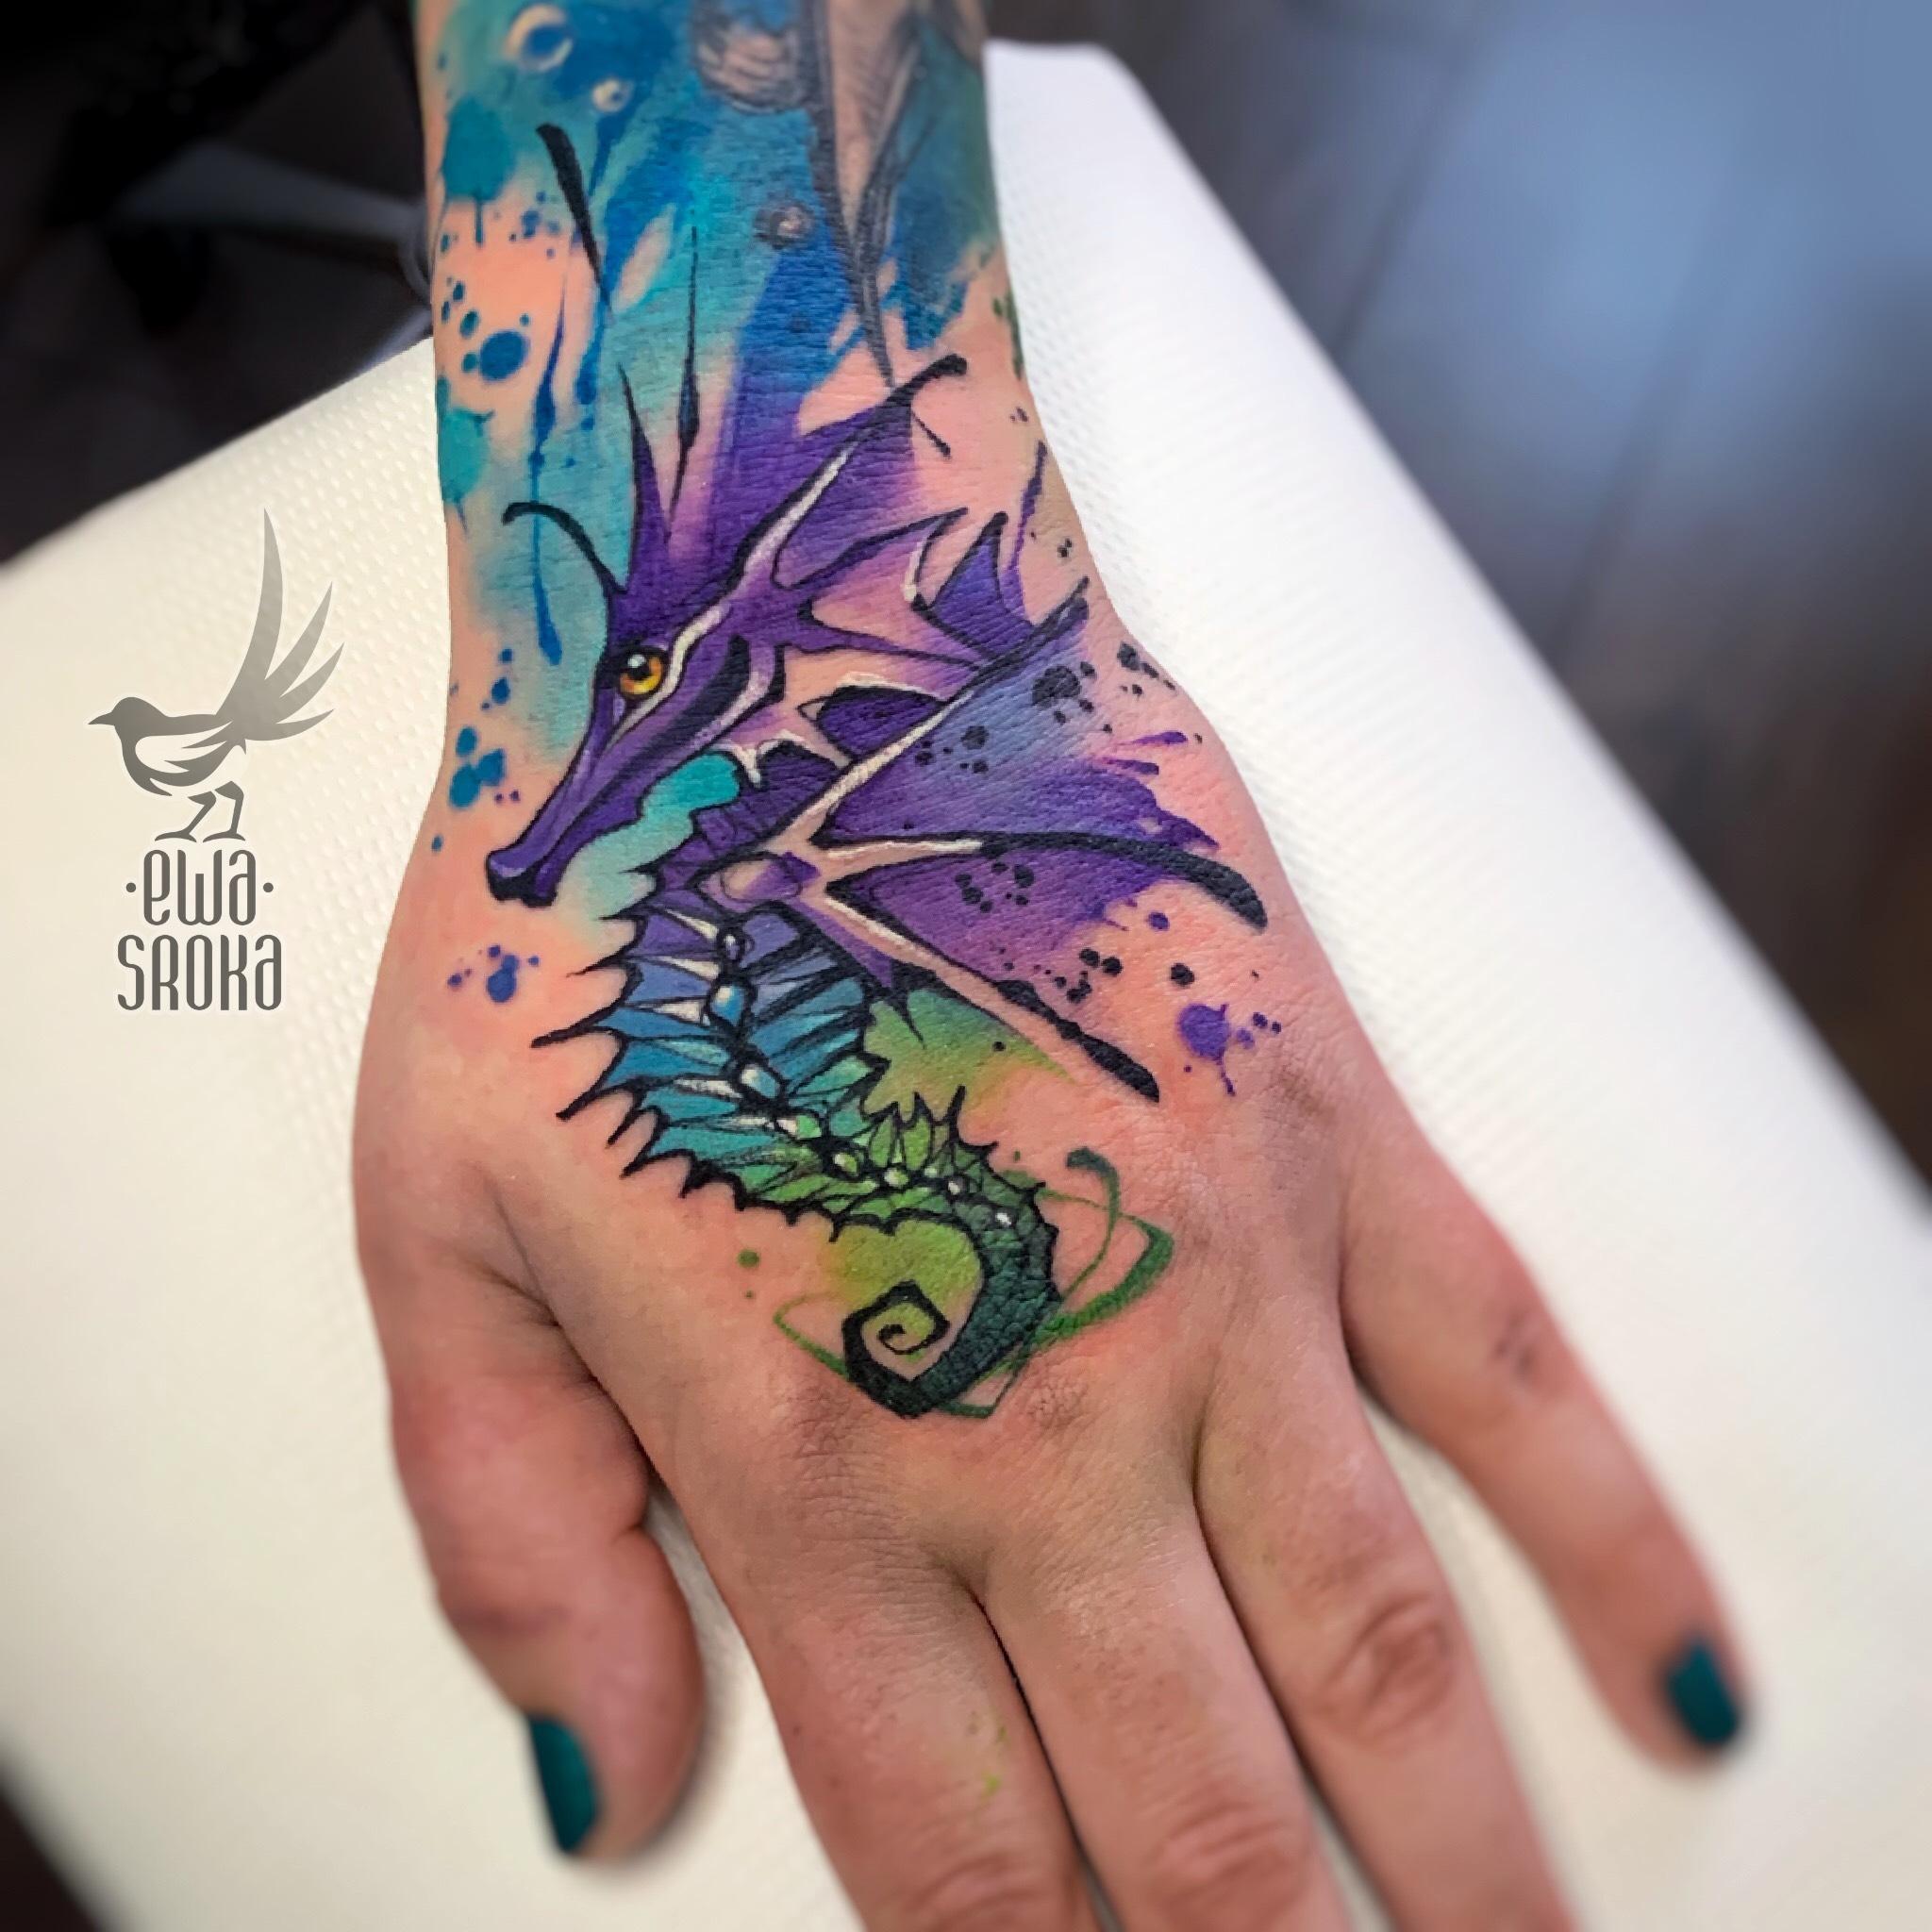 Inksearch tattoo Ewa Sroka